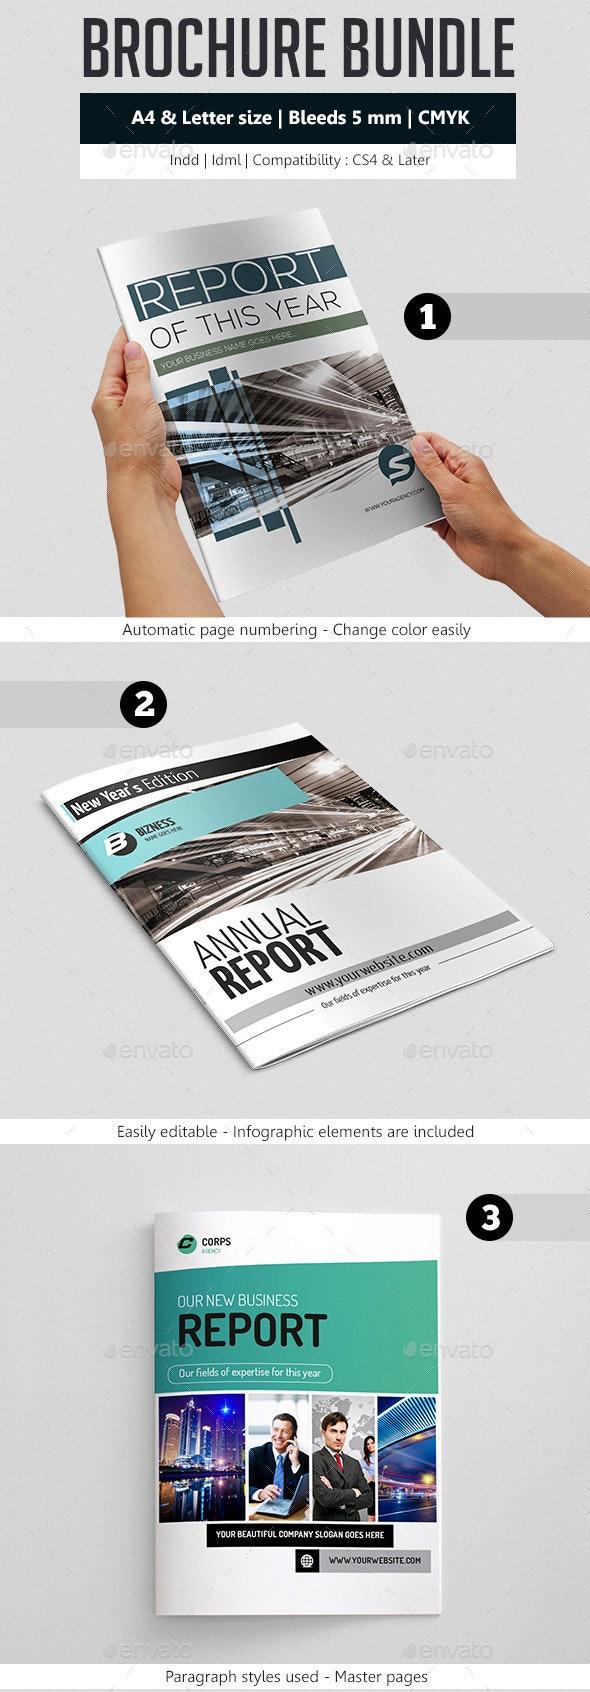 Business Brochure Template Bundle - Corporate Business Cards